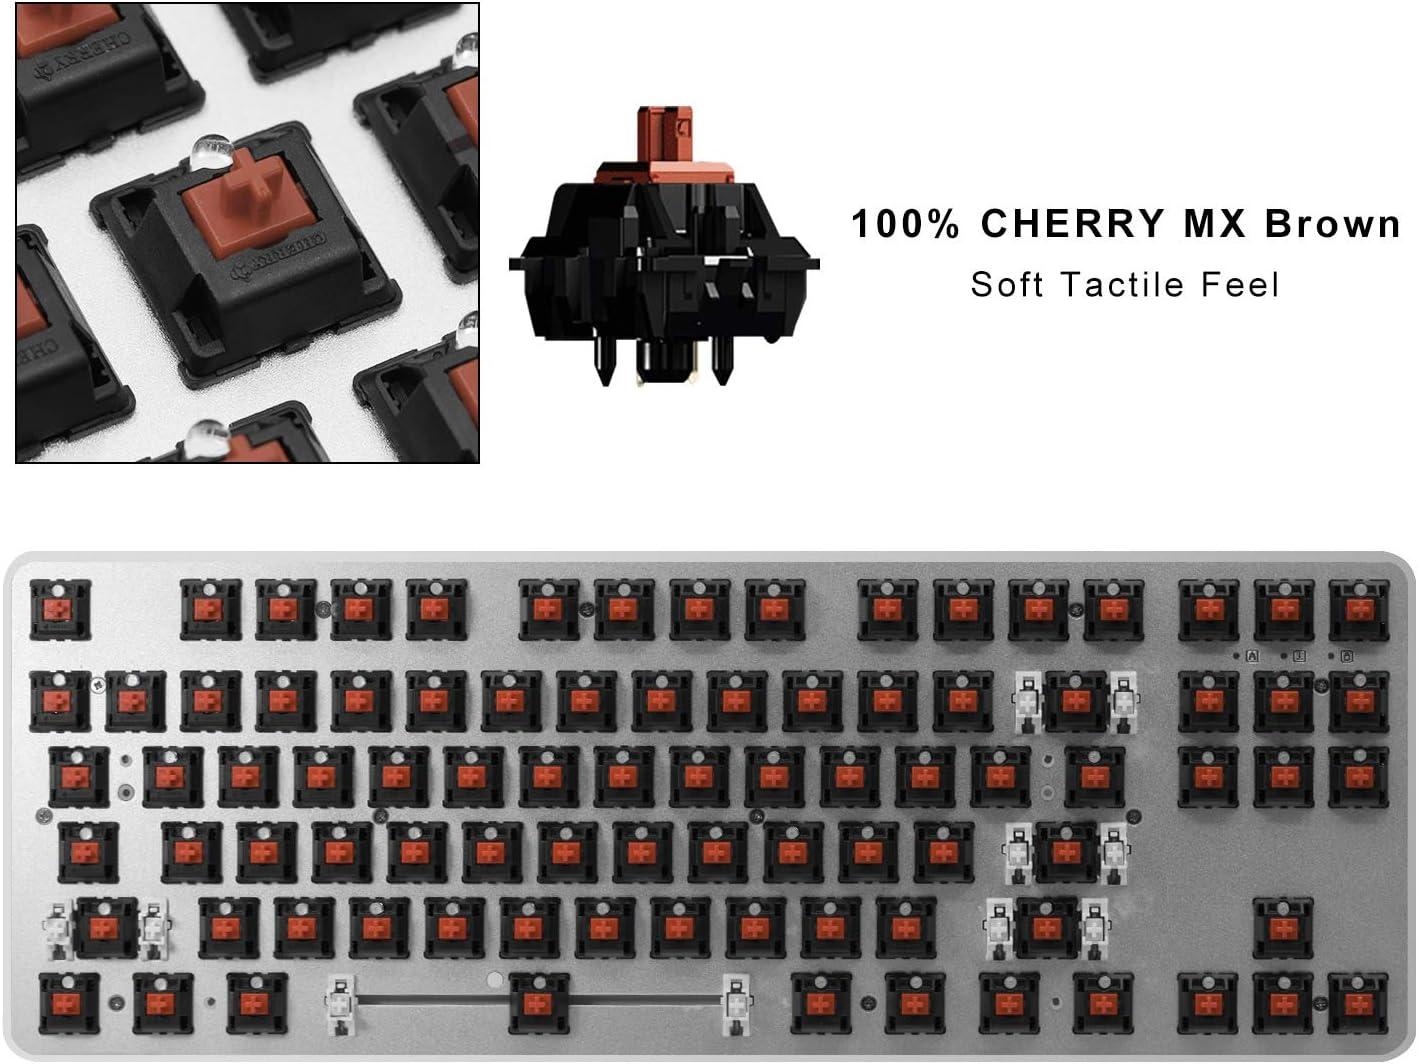 Gaming Teclado Mecánico Tenkeyless (87 Teclas) RGB - Cherry MX Brown – Retroiluminación LED de Arco Iris de 360 Grados (QWERTY Layout)